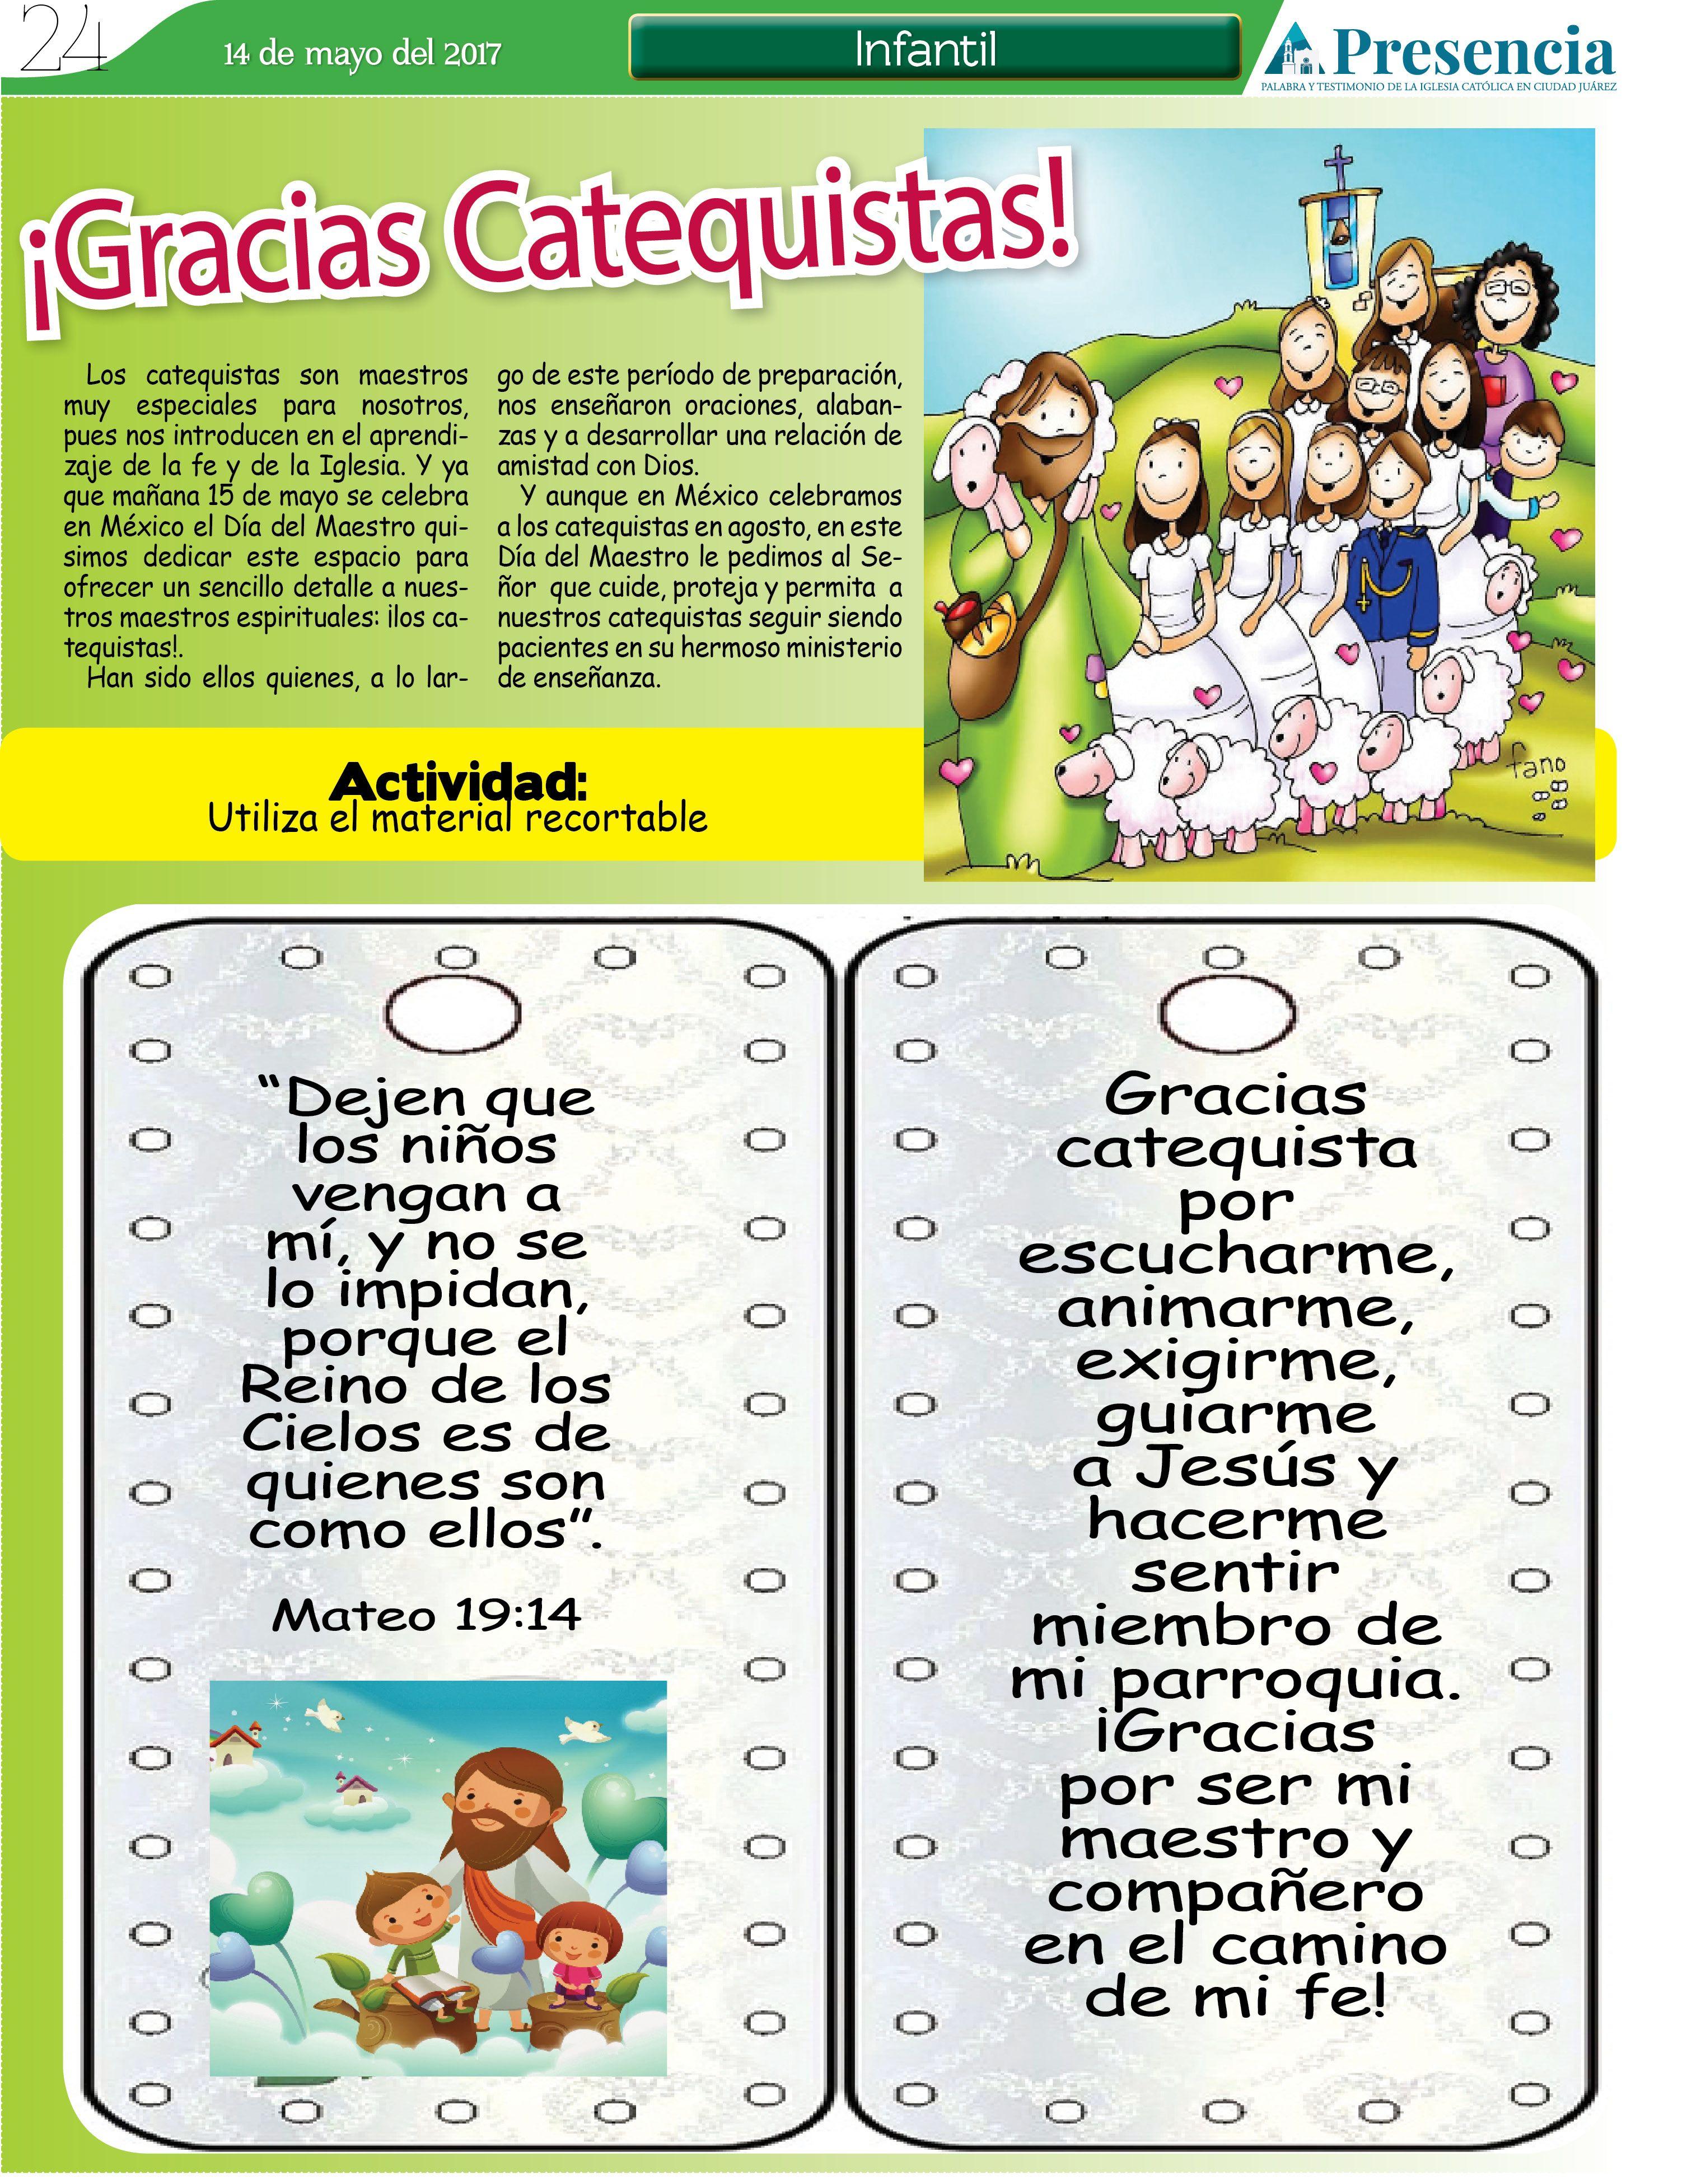 Gracias Catequistas Catequista Temas De Catequesis Actividades Escolares